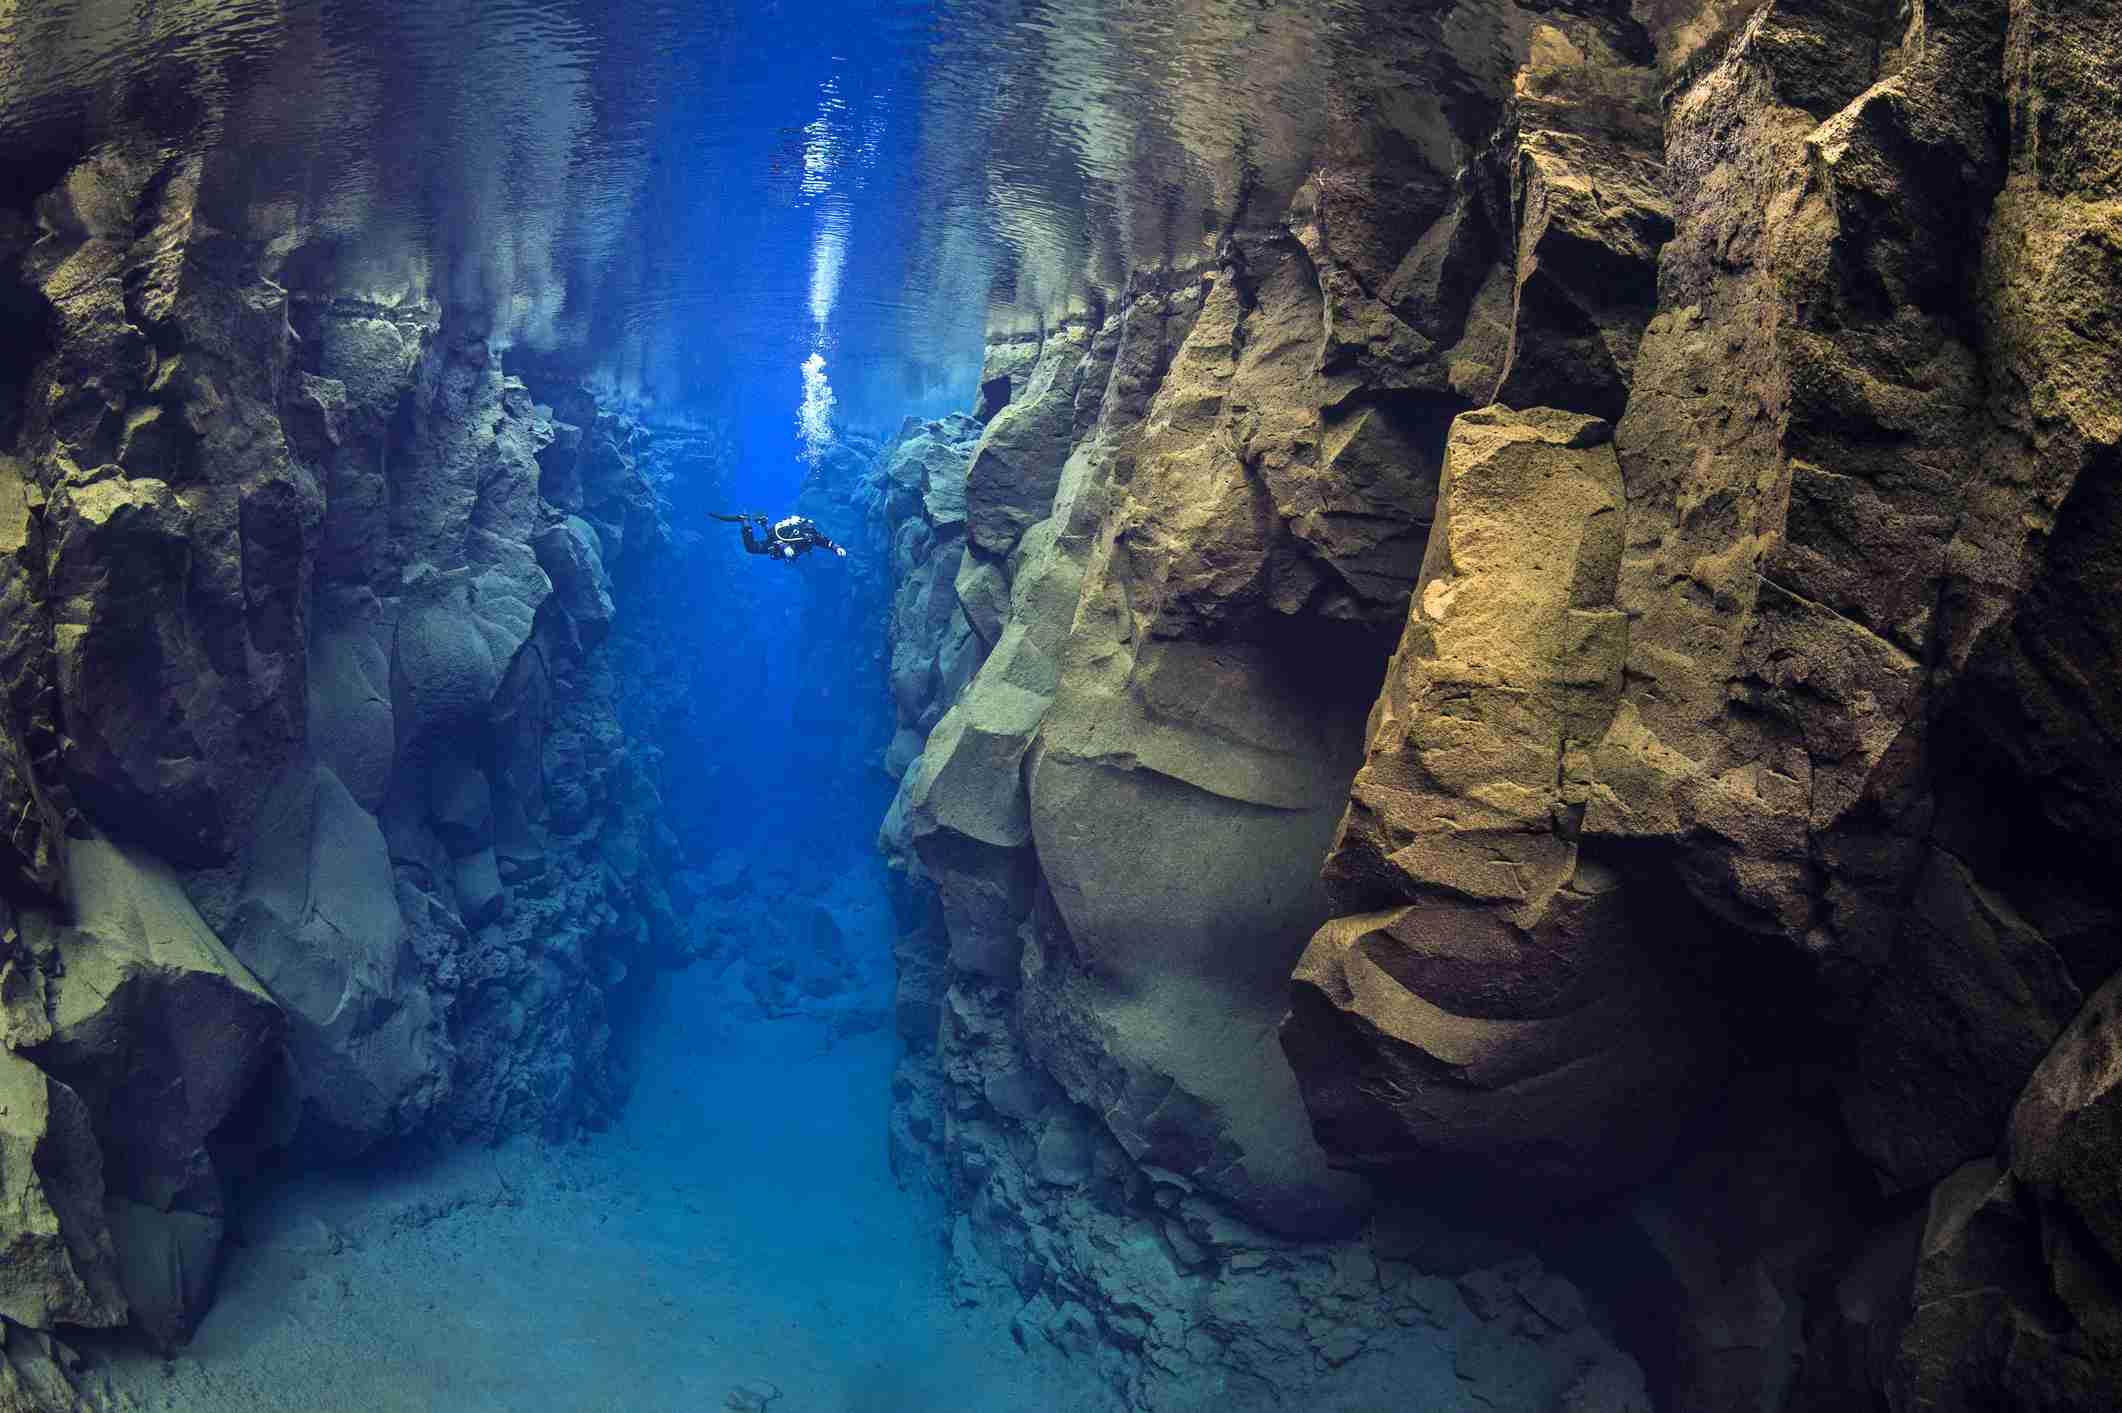 A diver explores Silfra Canyon